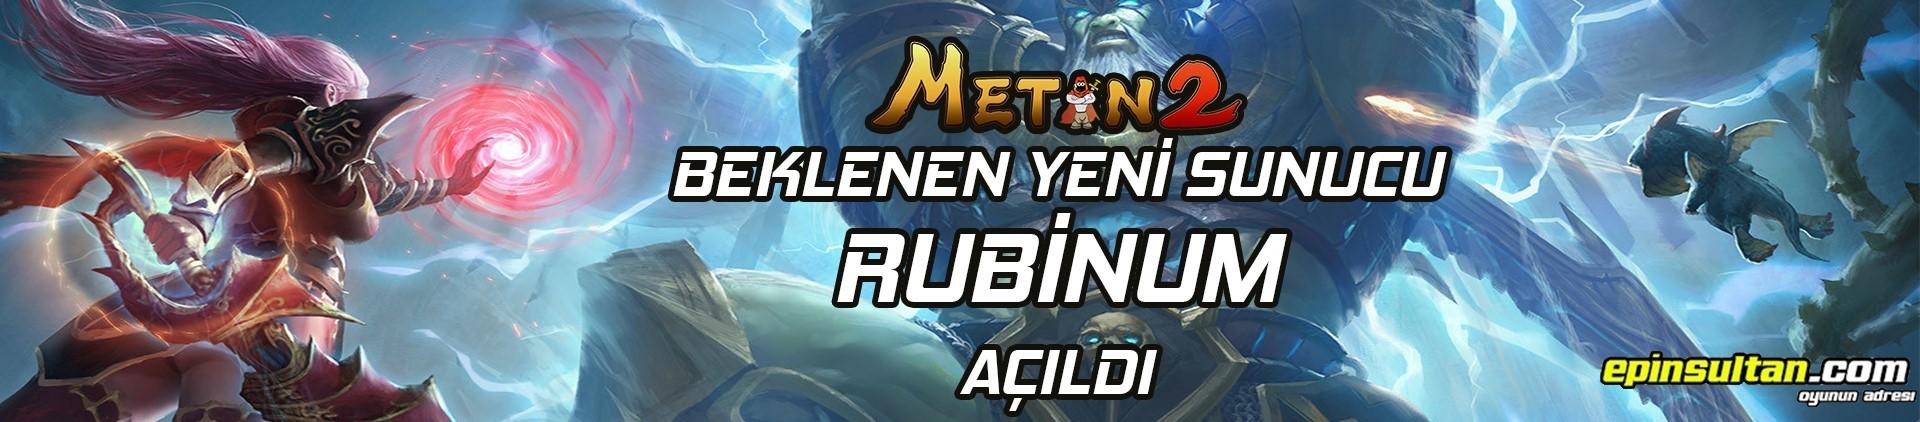 Metin2 Yeni Server Rubinum Açıldı